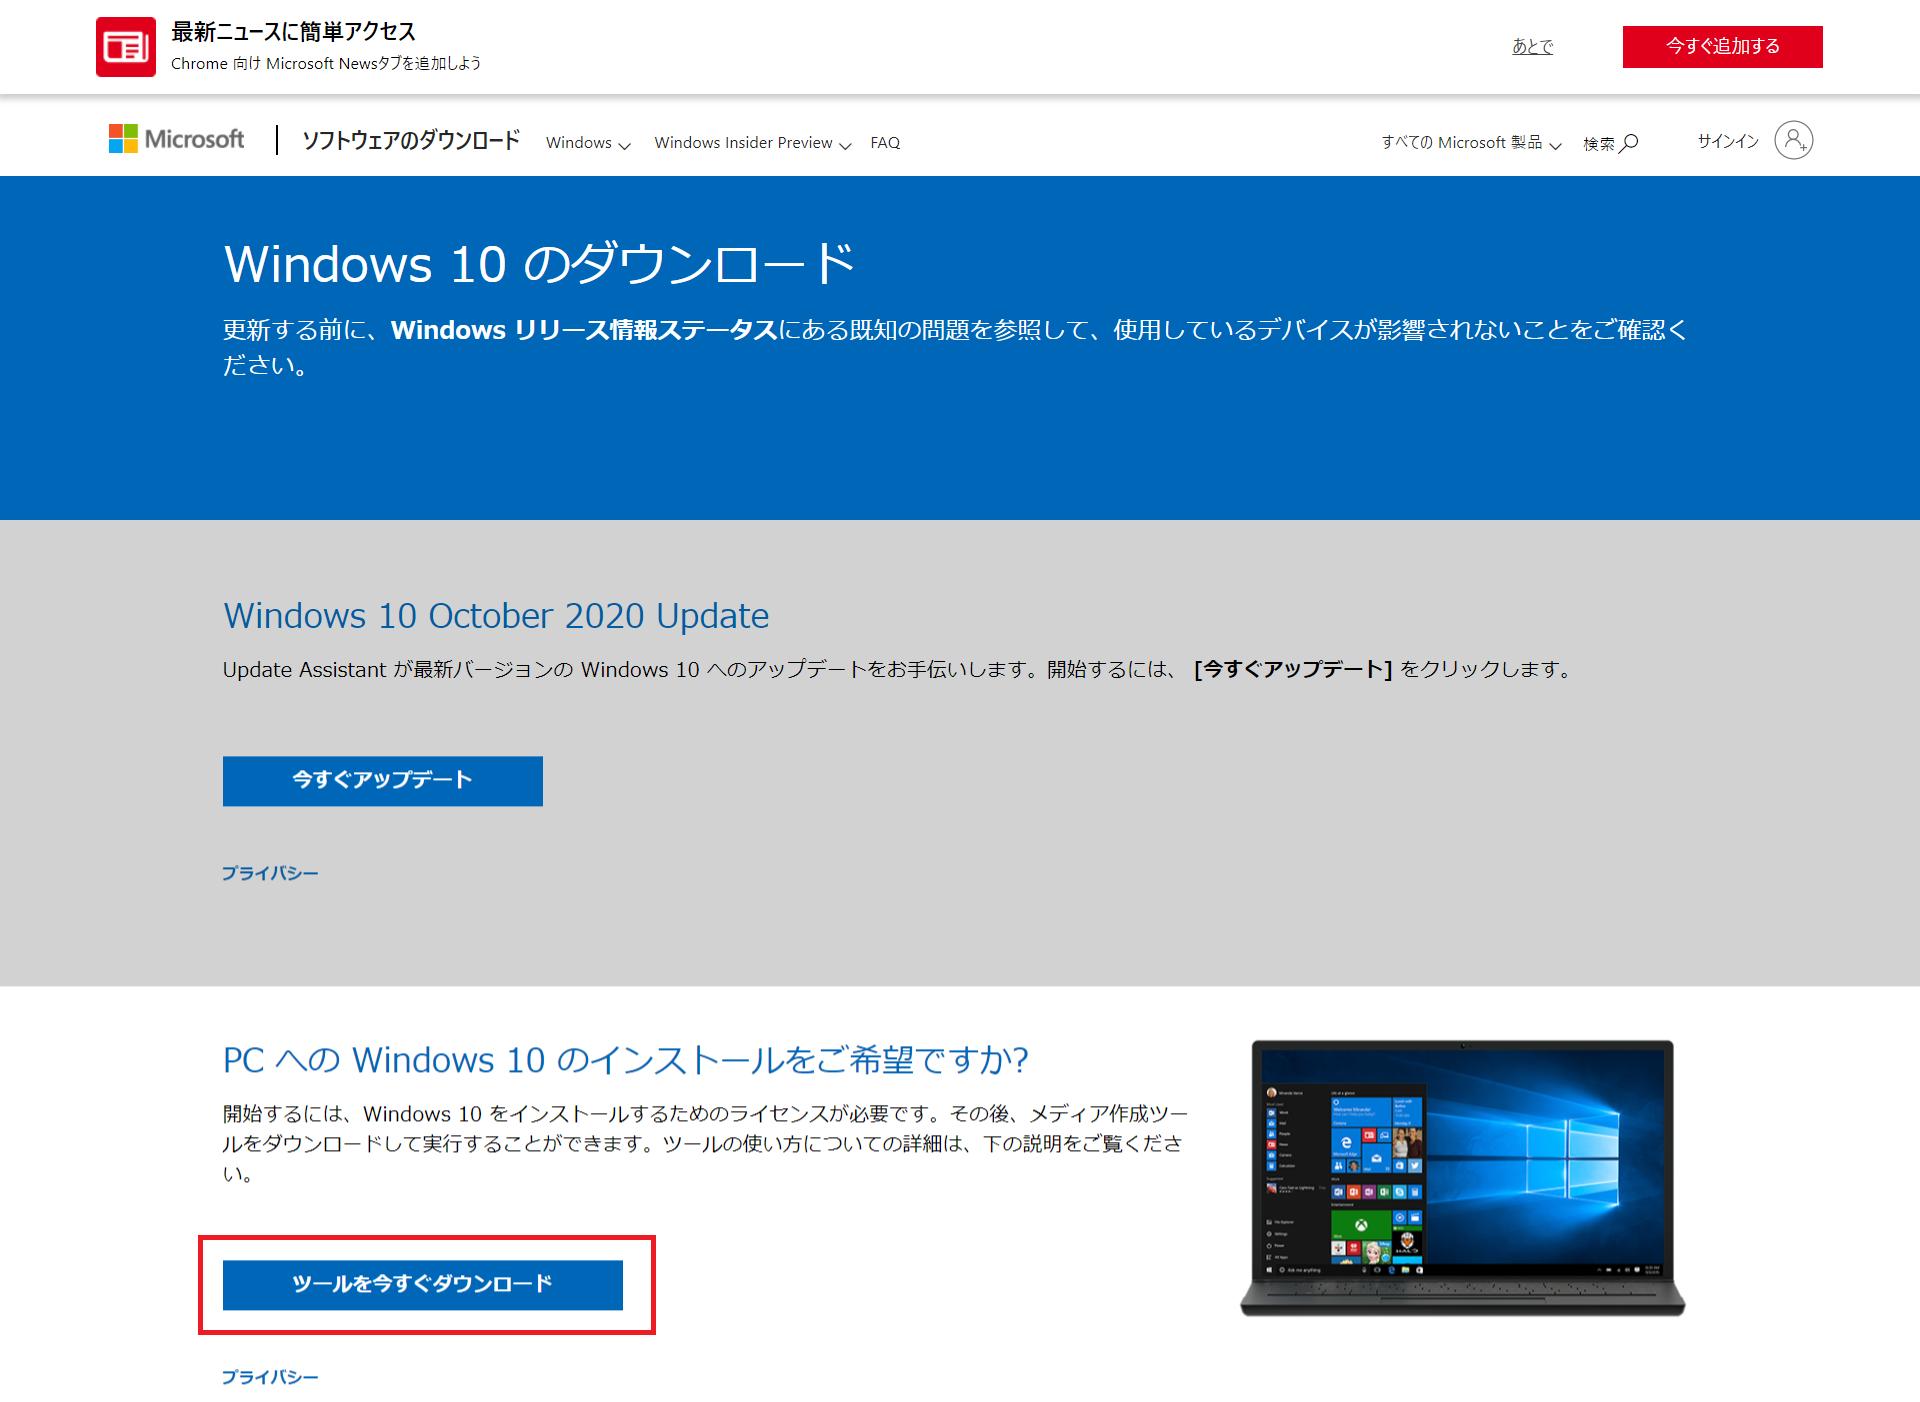 Windows 10の「メディア作成ツール」